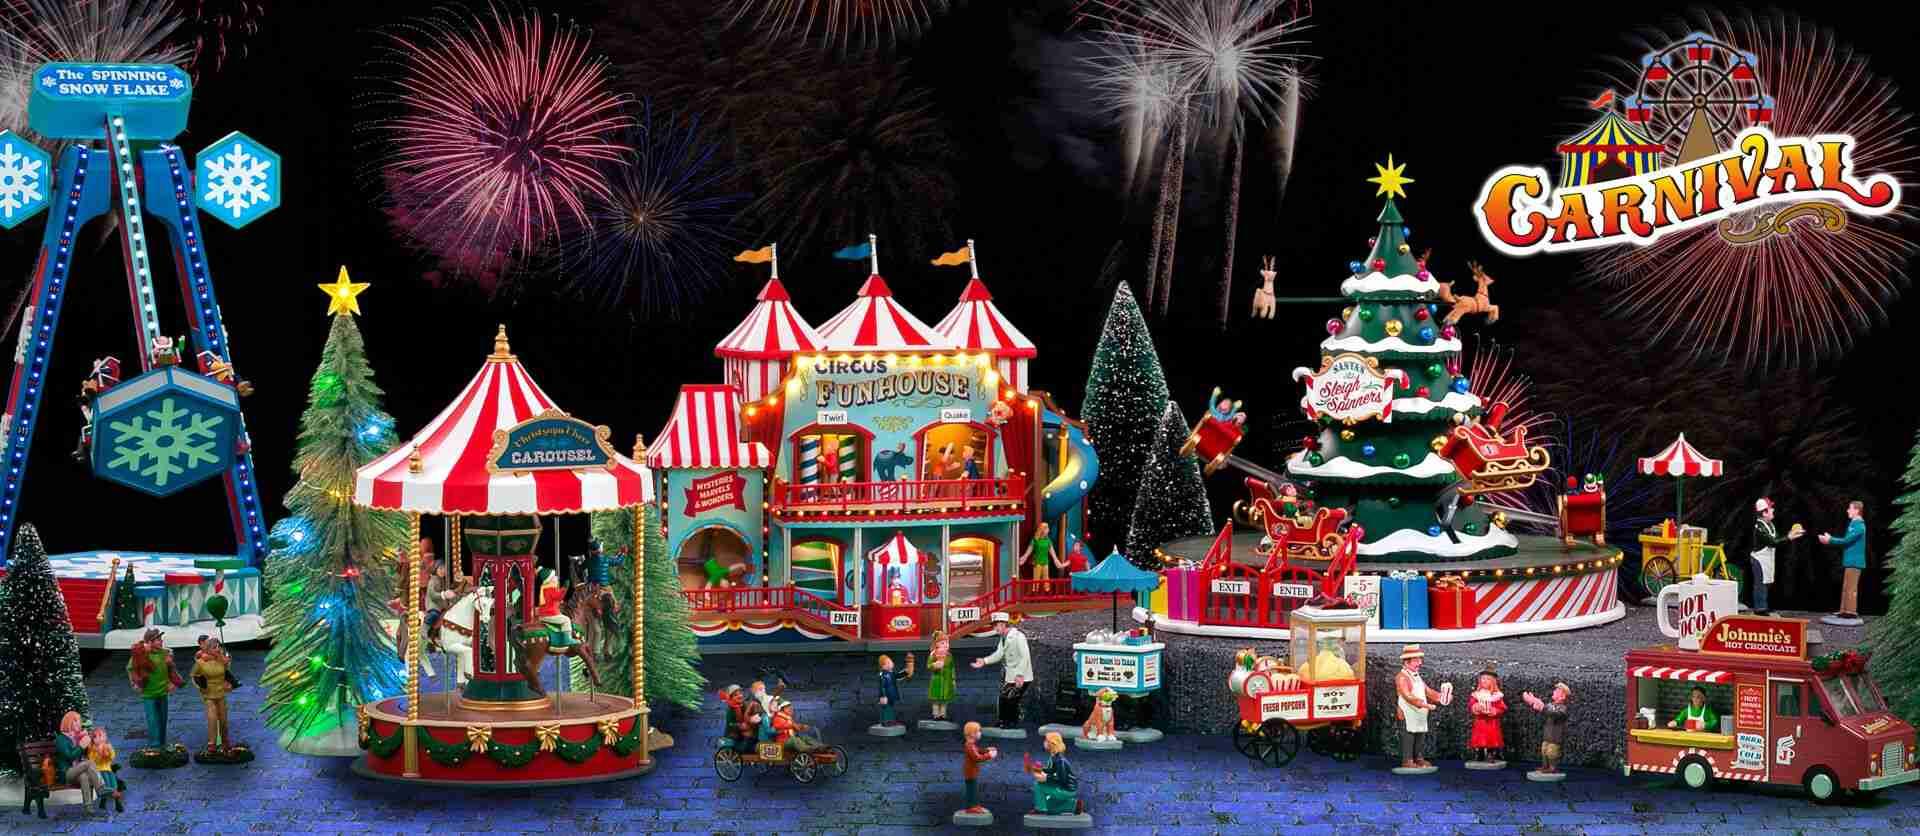 collezione carnival villaggio lemax 2021 natale